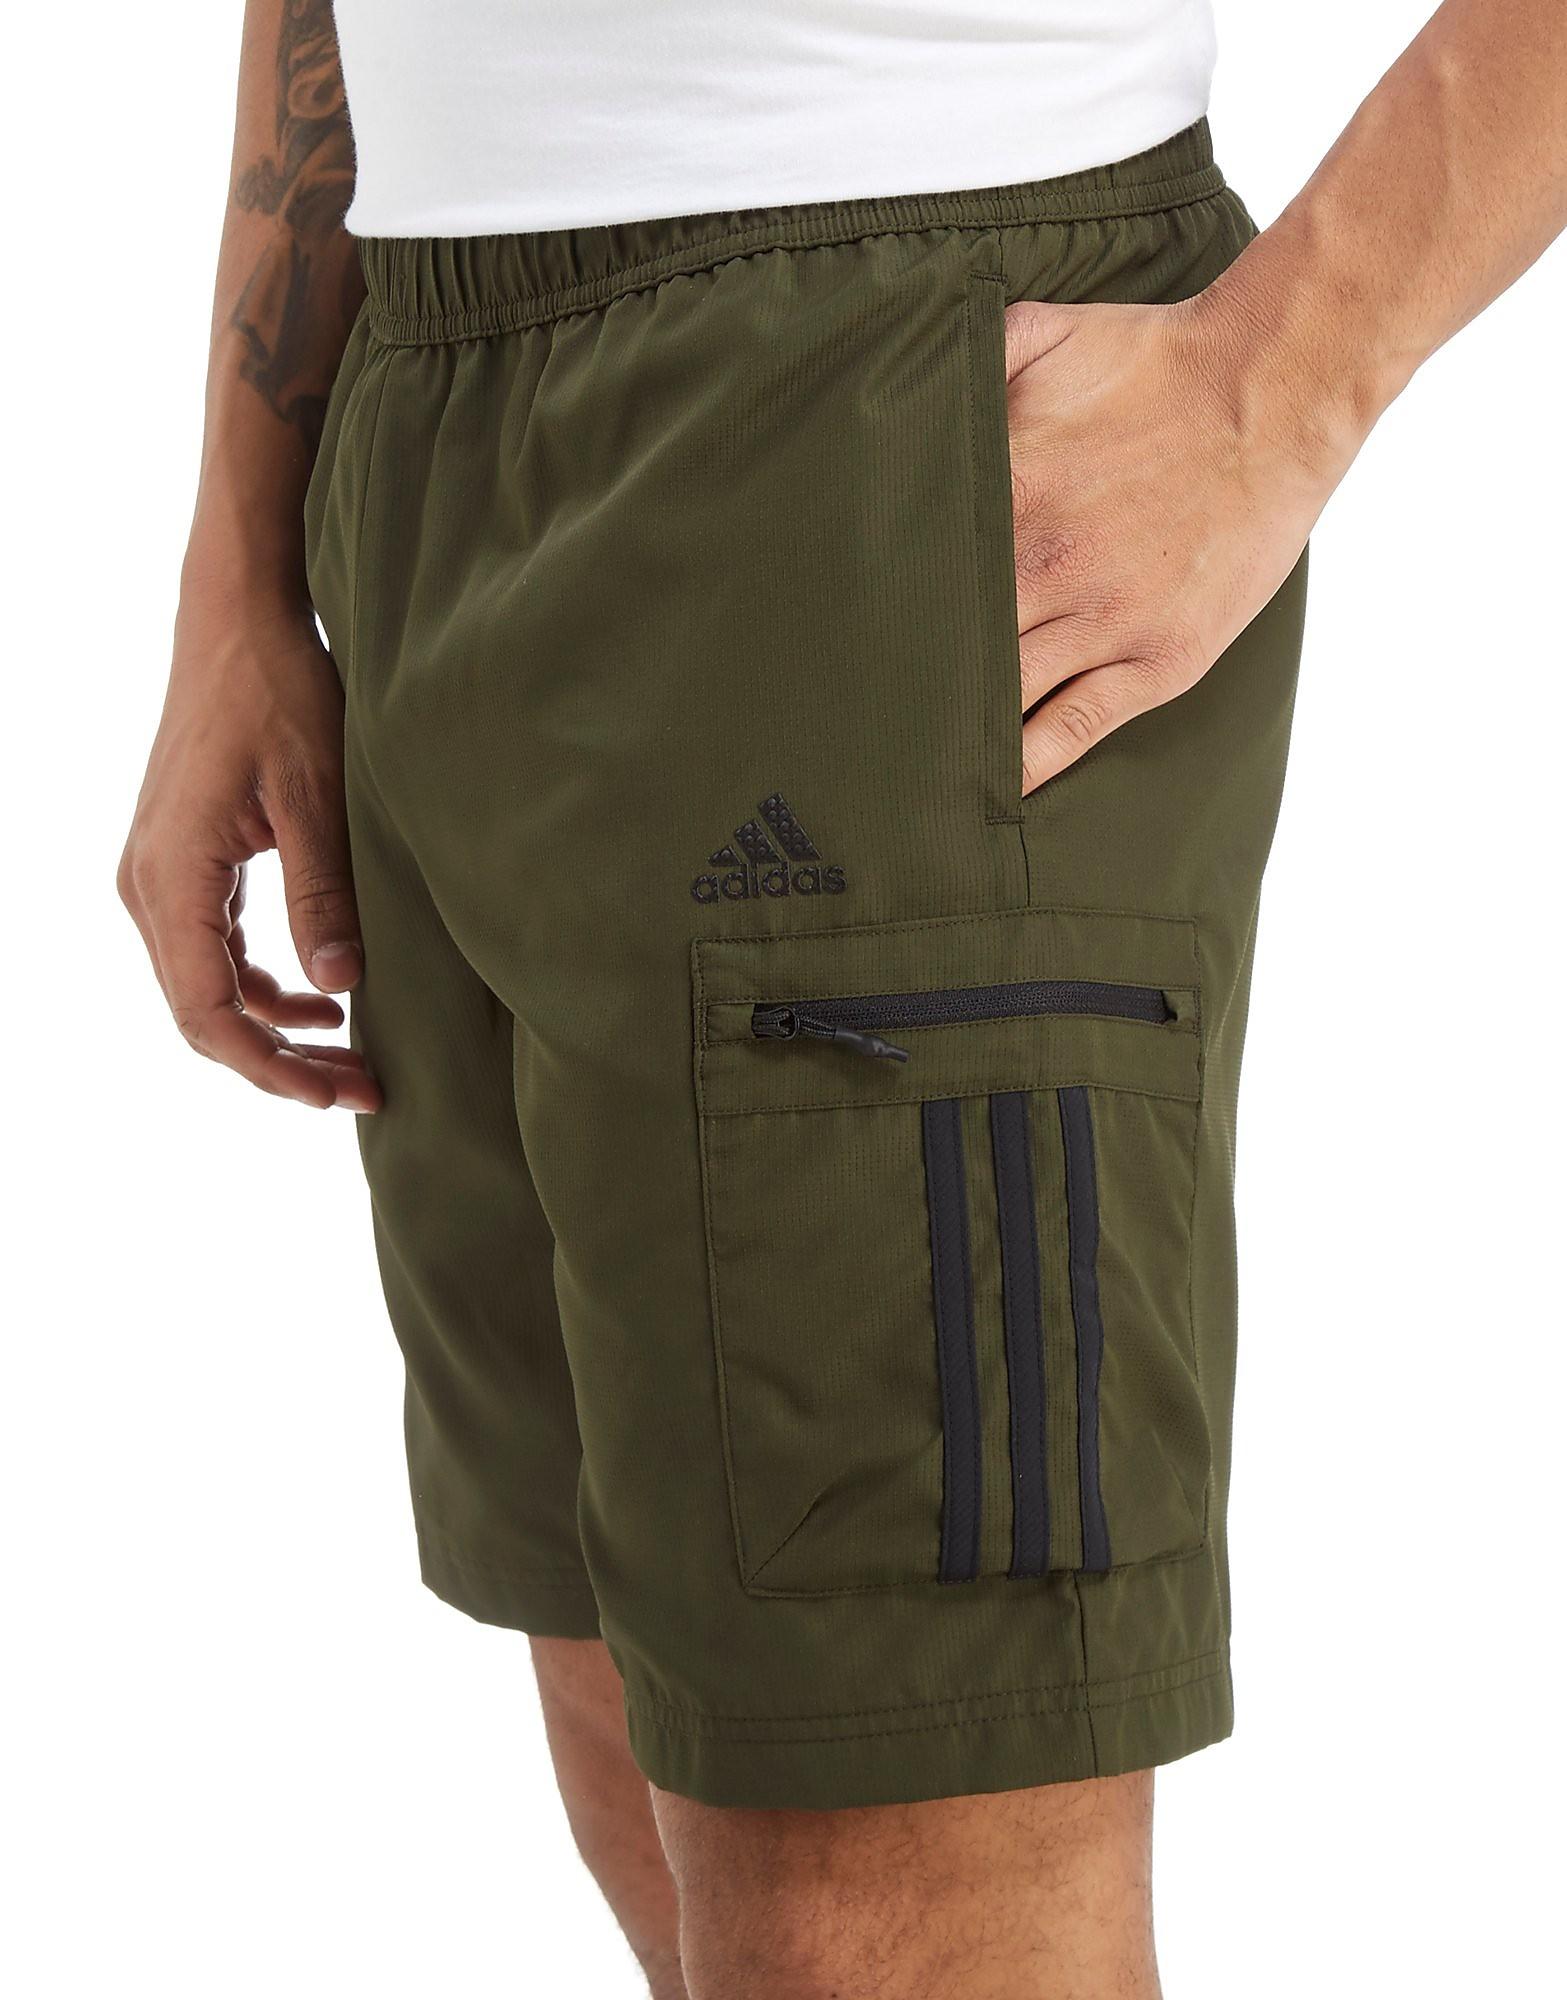 adidas Cargo Shorts